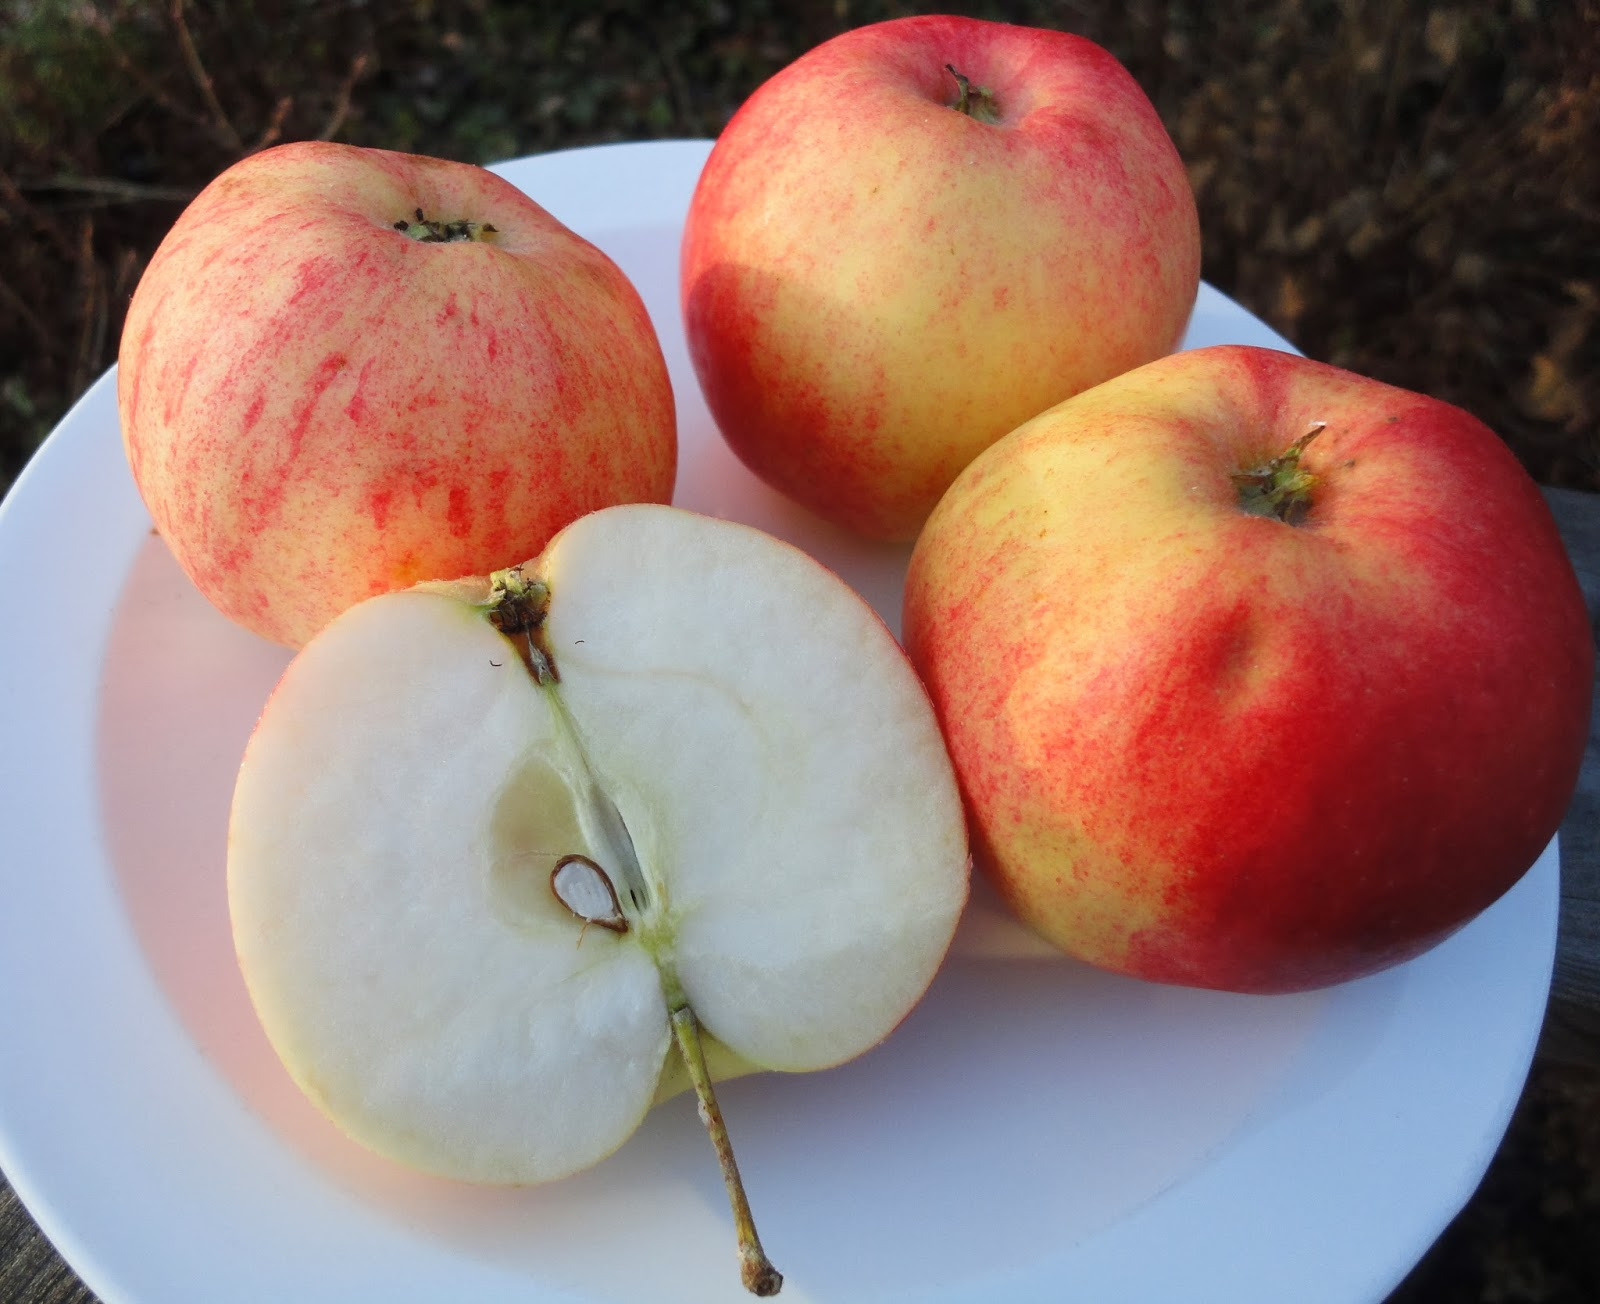 svenska äpplen santana